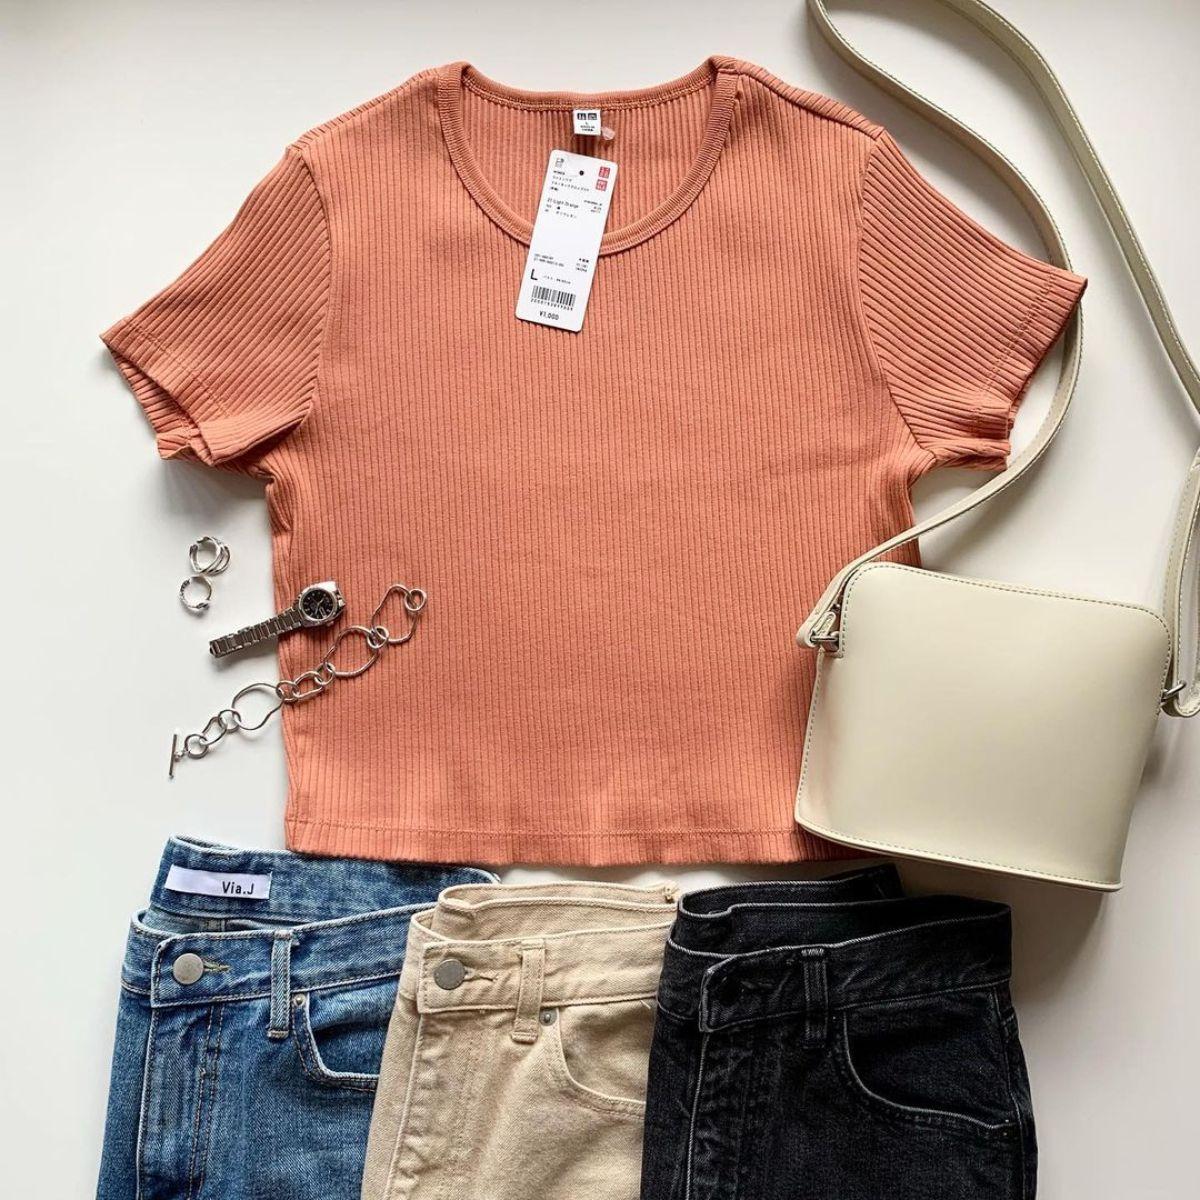 ユニクロで「Tシャツ」を買いたいけど種類が多くて分からない方へ。おしゃれなアイテム6つを比較しました